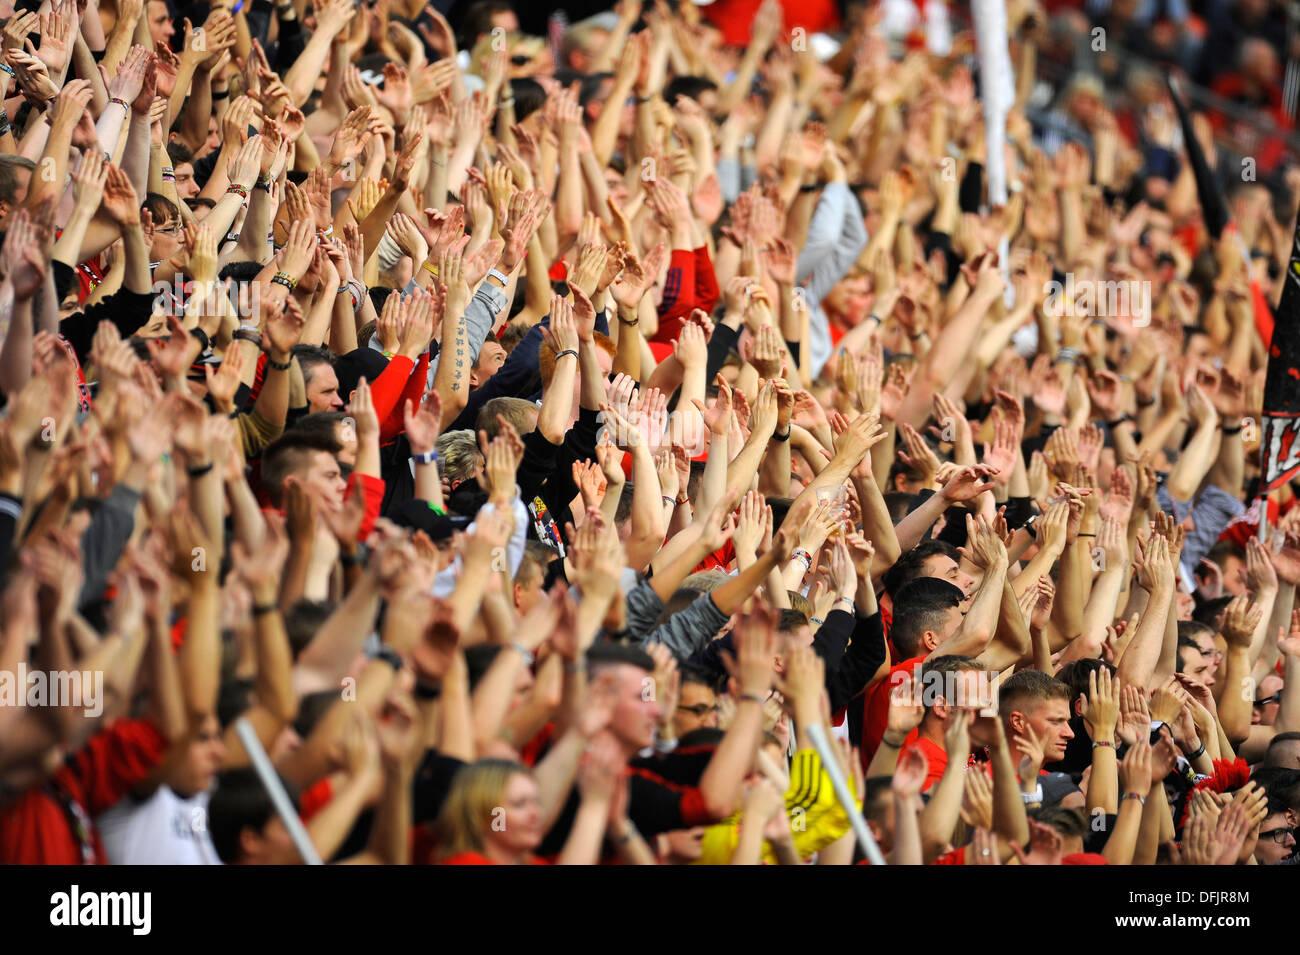 Les partisans du club de Bundesliga allemande Bayer 04 Leverkusen lever la main à l'appui Photo Stock